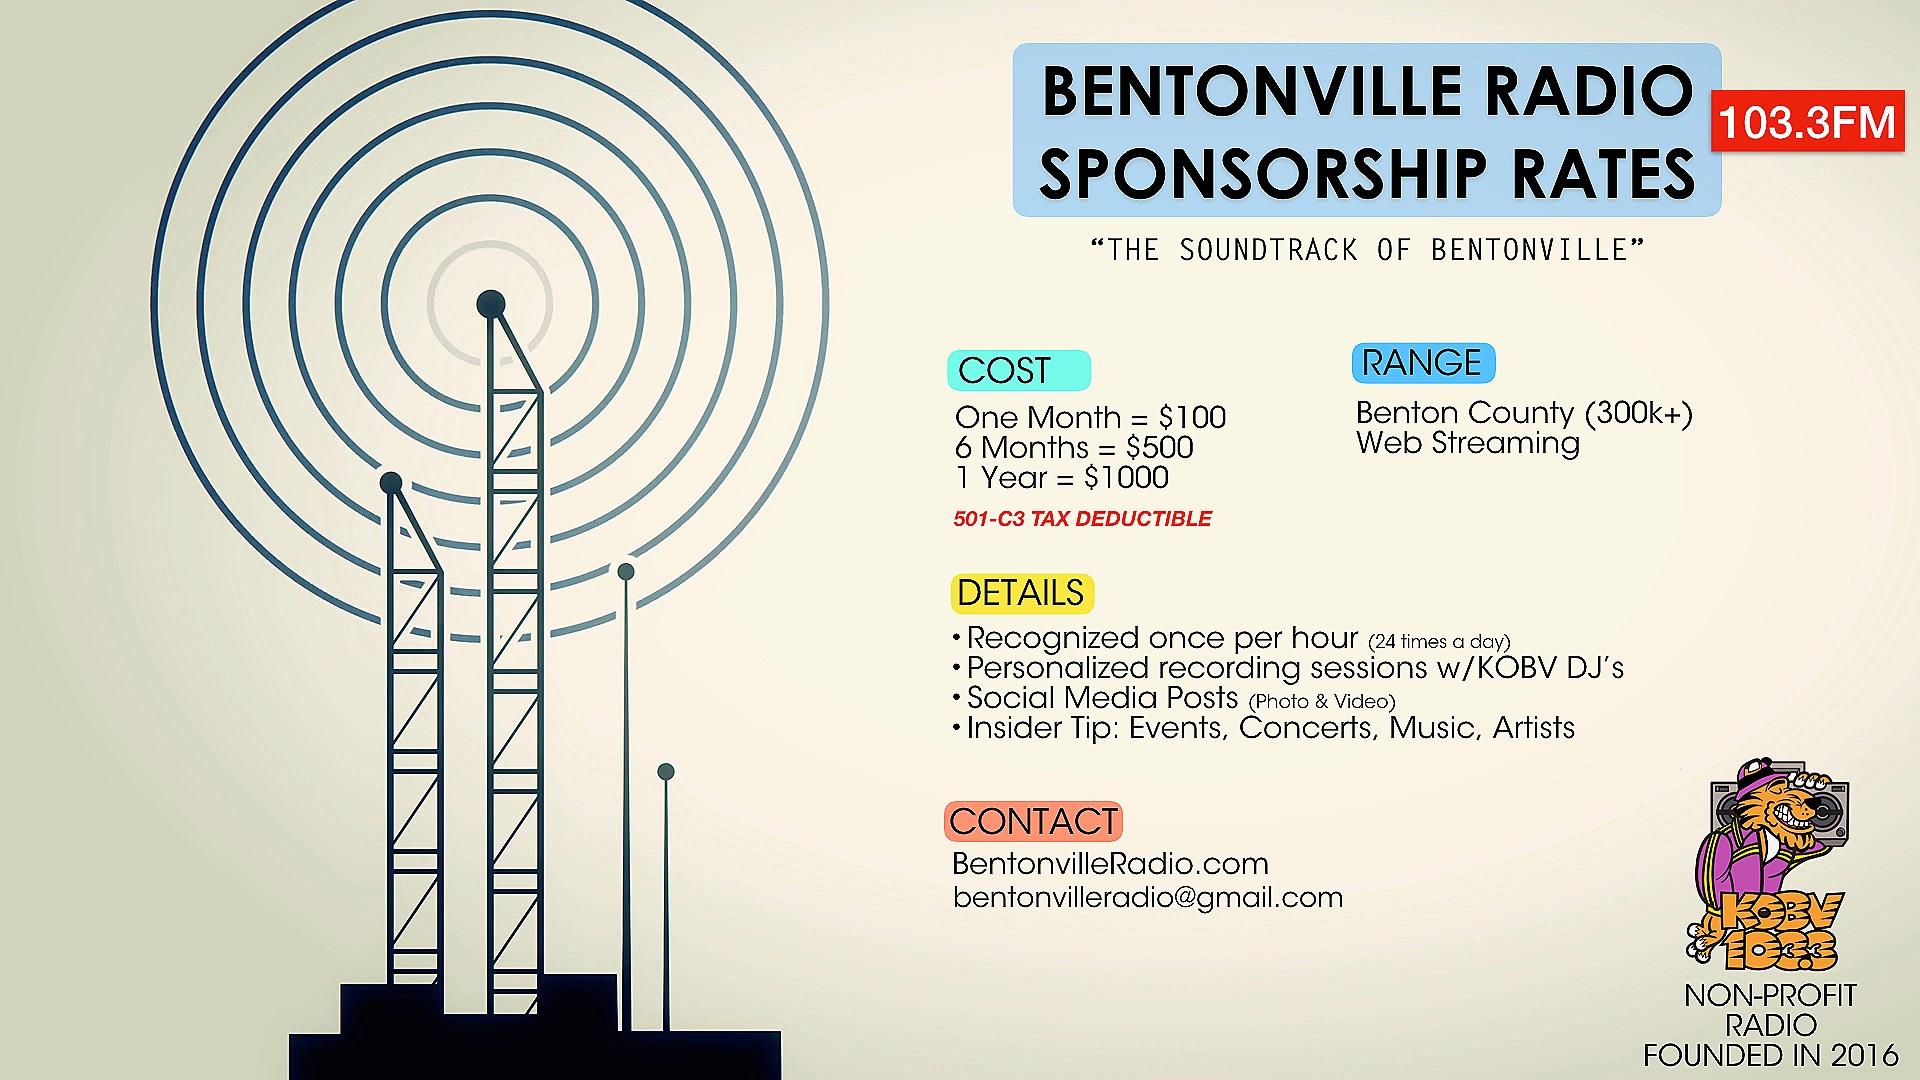 BENTONVILLERADIO+SPONSORSHIP+RATE+CARD.001.jpg